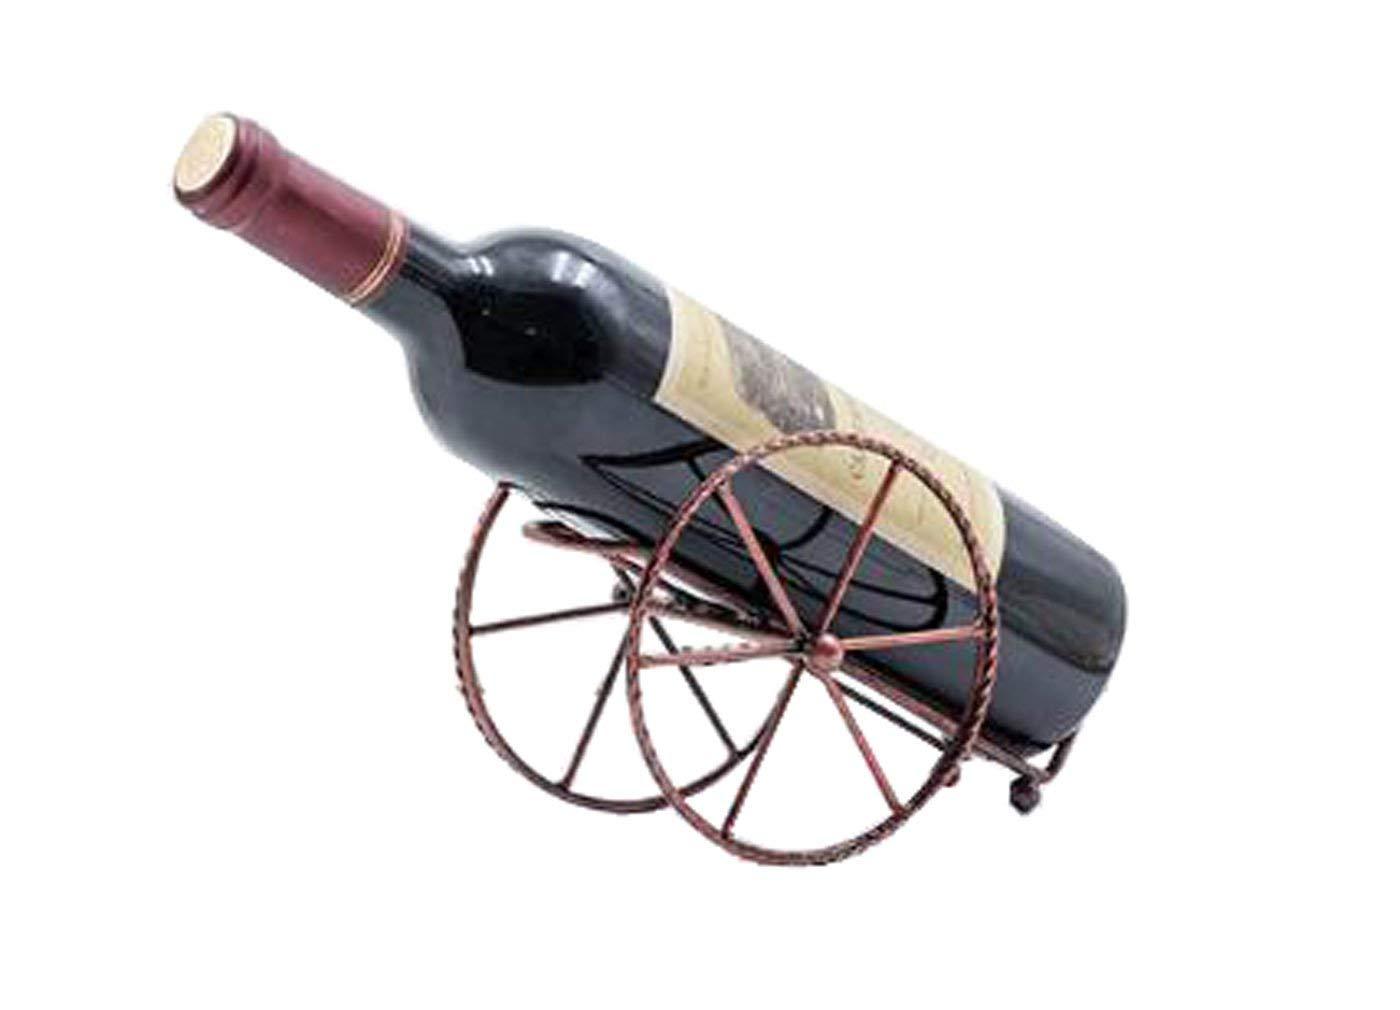 Cheap Wine Decor Kitchen Accessories Find Wine Decor Kitchen